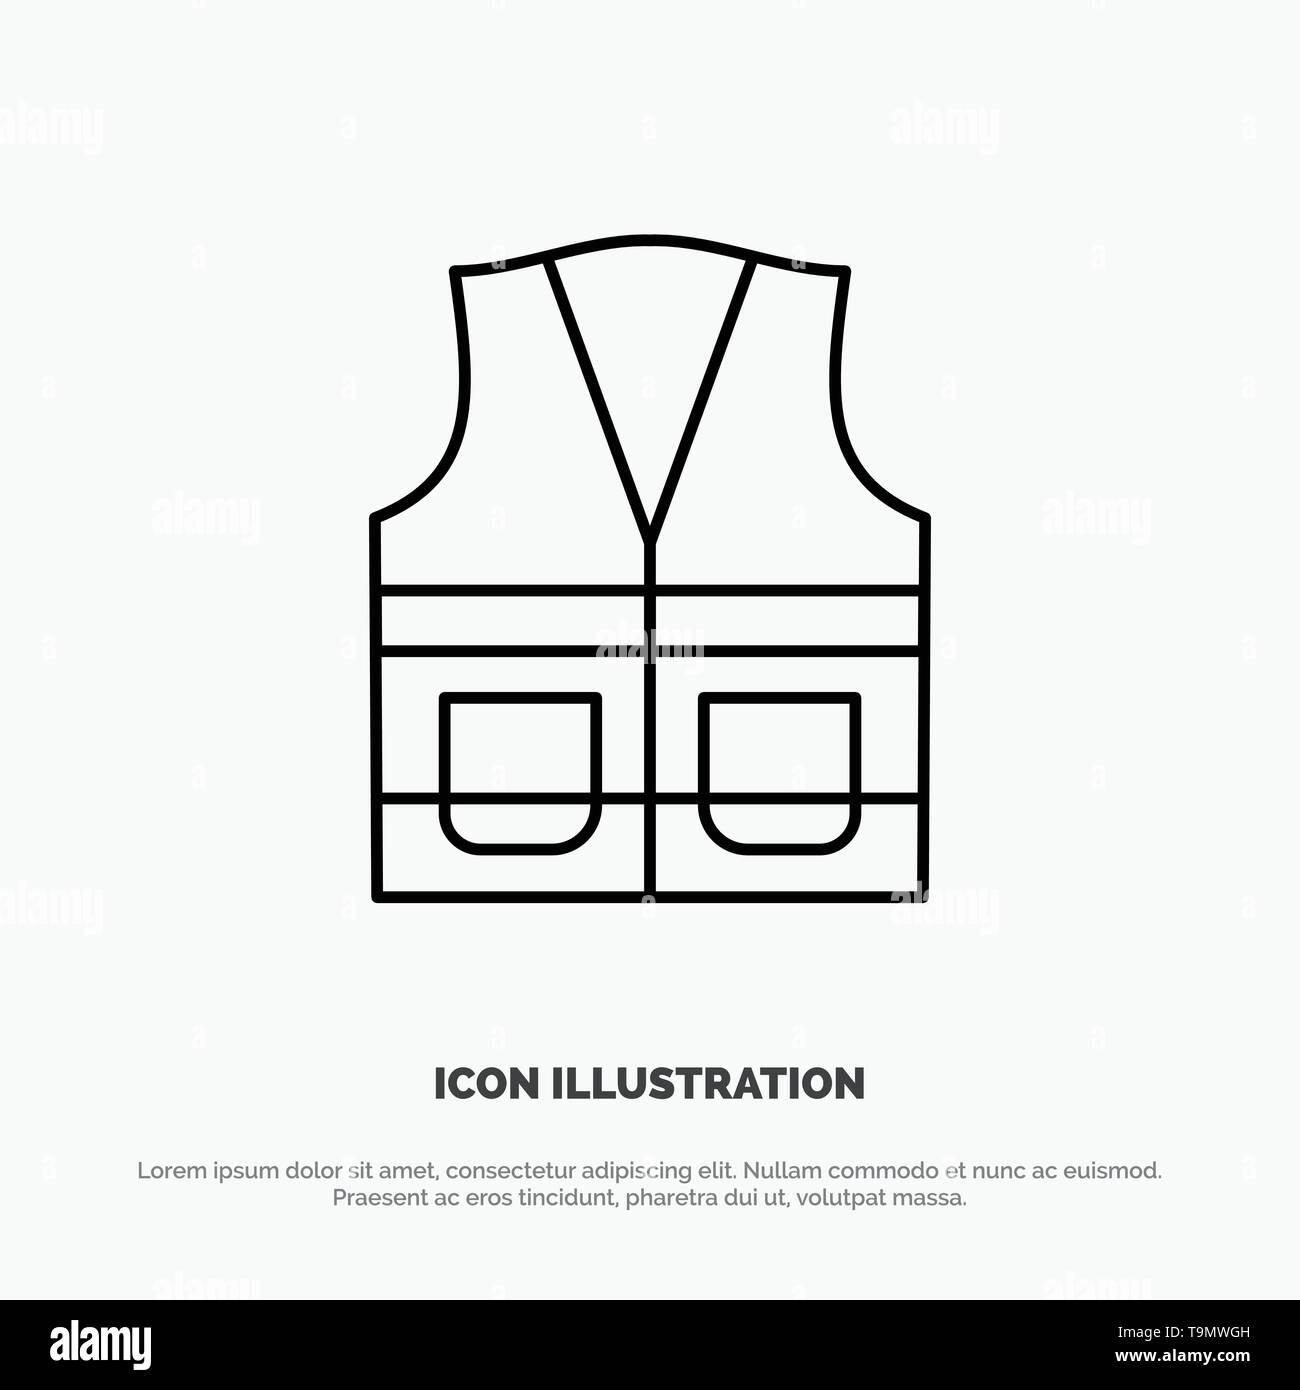 Vest, Jacket, Labour, Construction, Repair Line Icon Vector - Stock Image